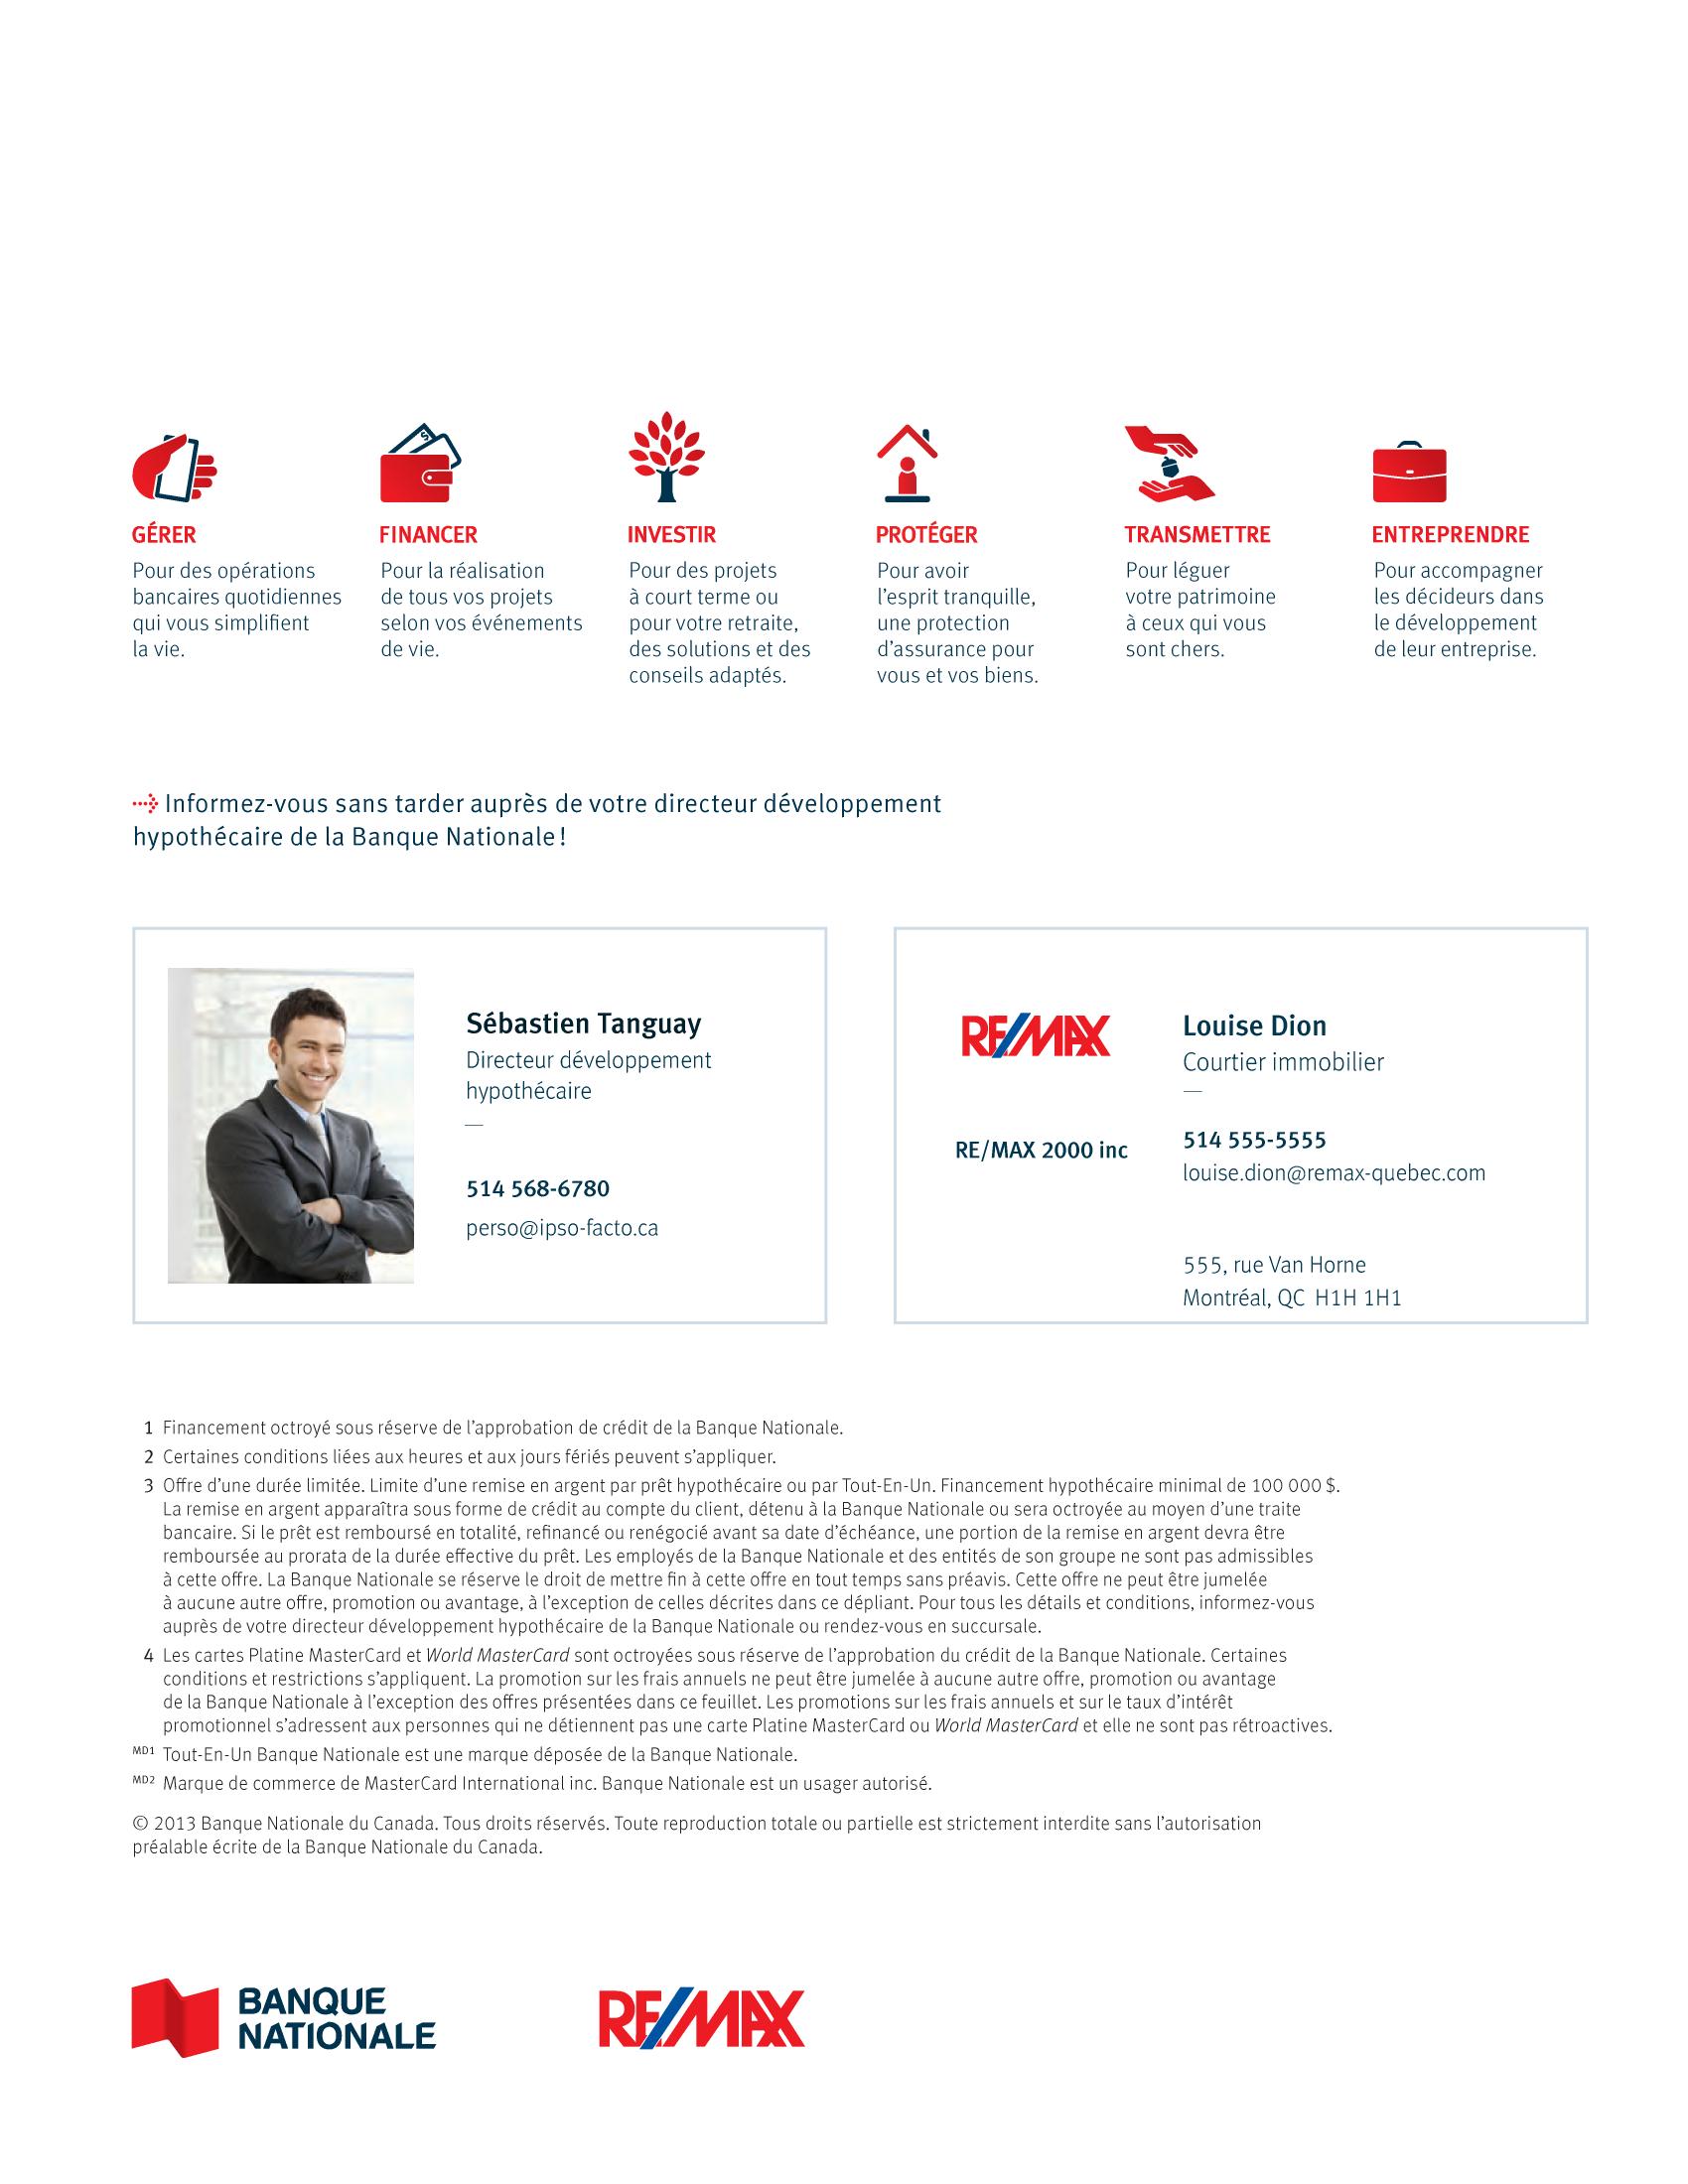 4 | Dépliant « Un partenariat riche en avantages » - RE/MAX